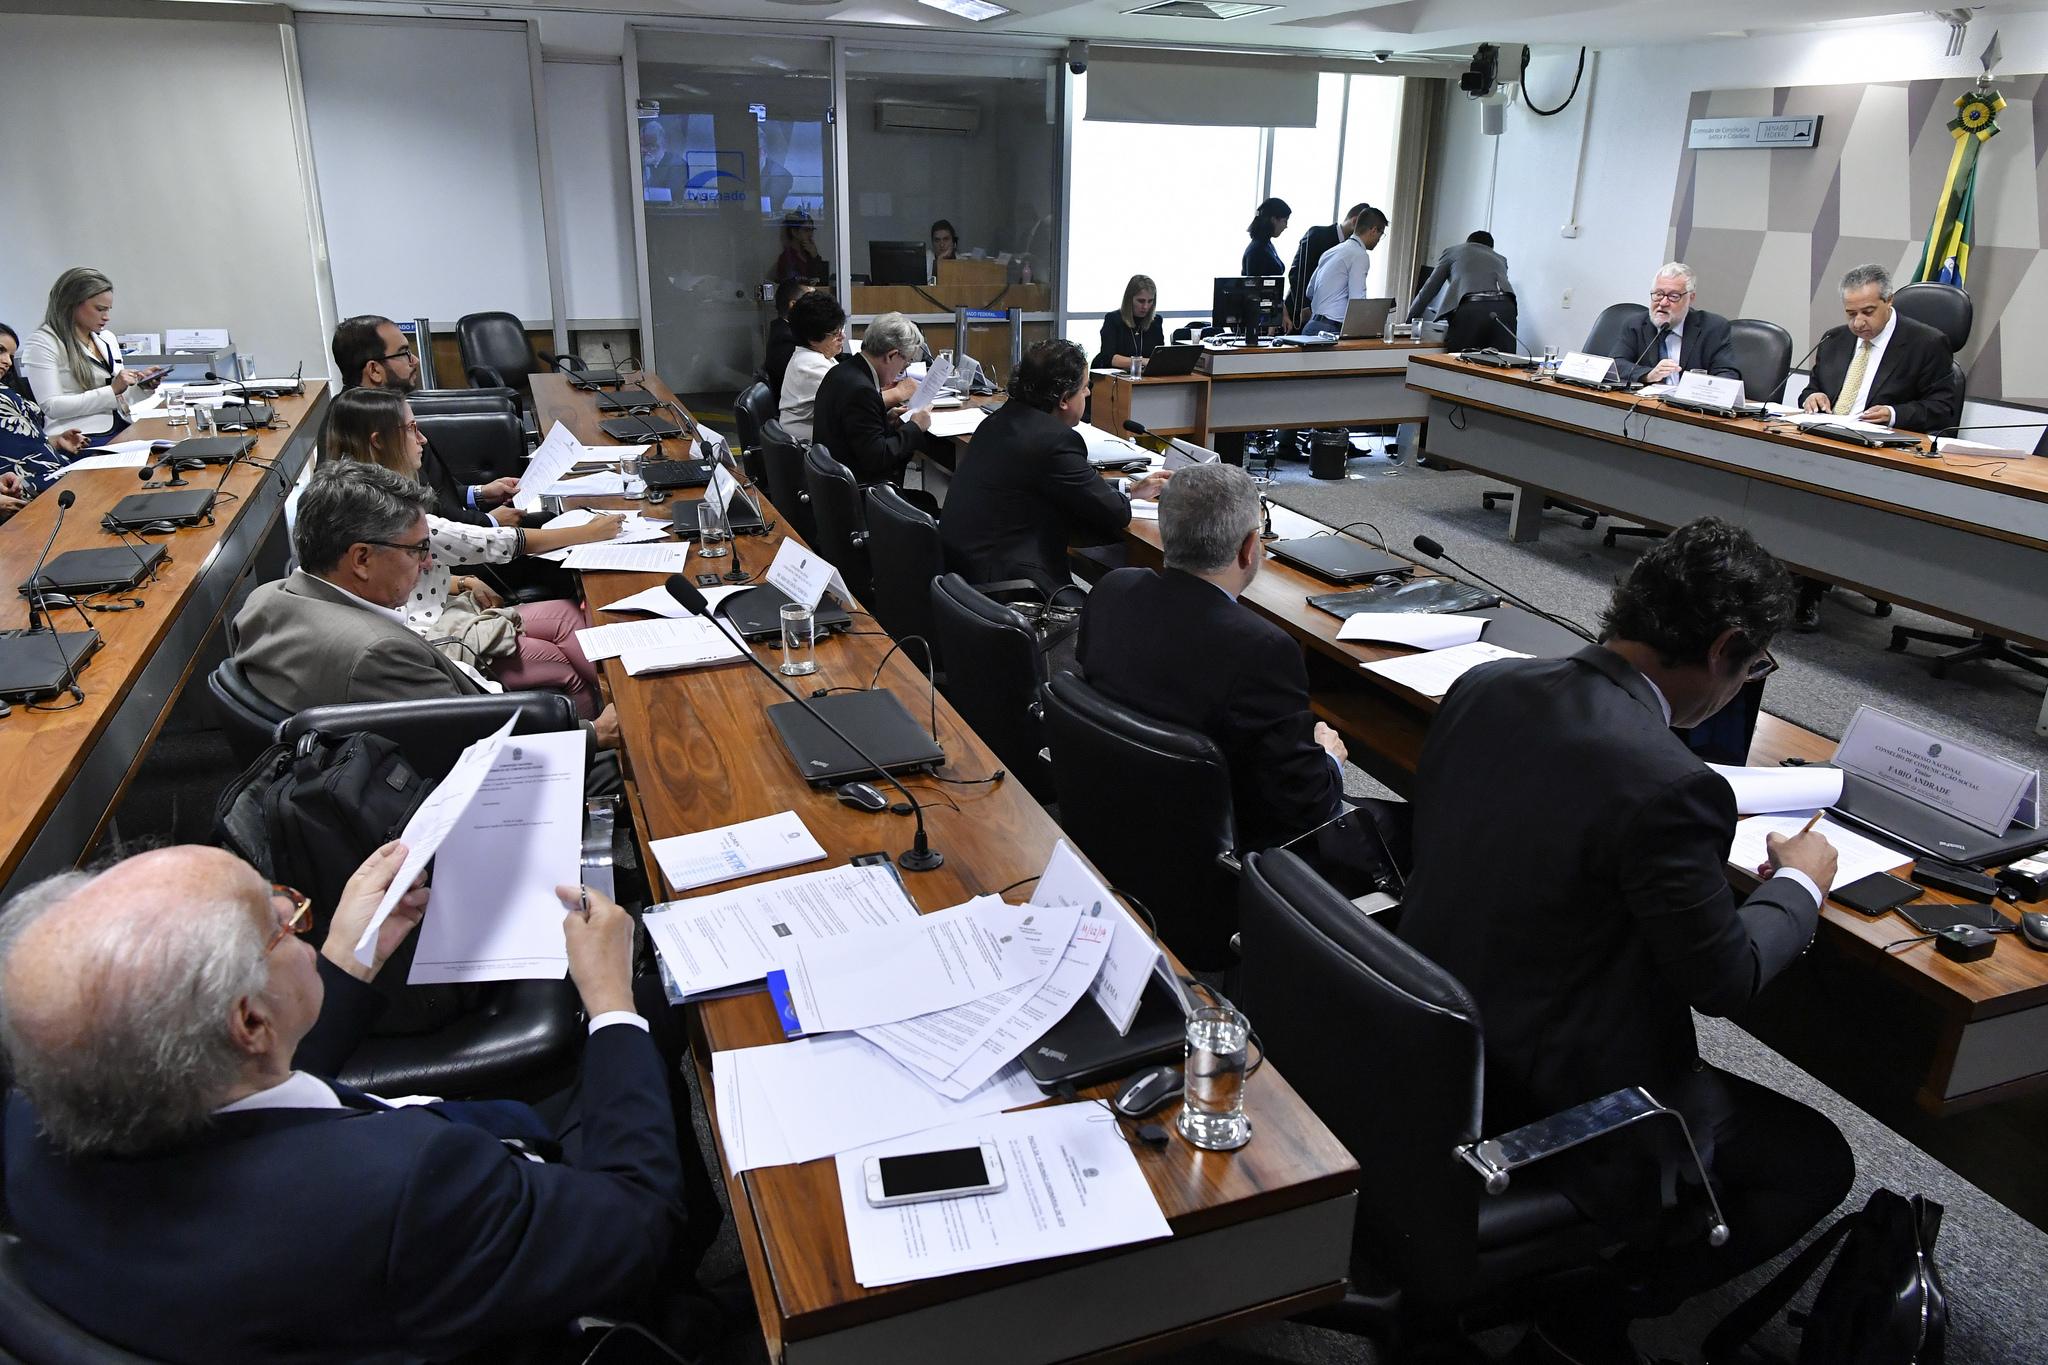 Fotos do dia - Conselho de Comunicação Social